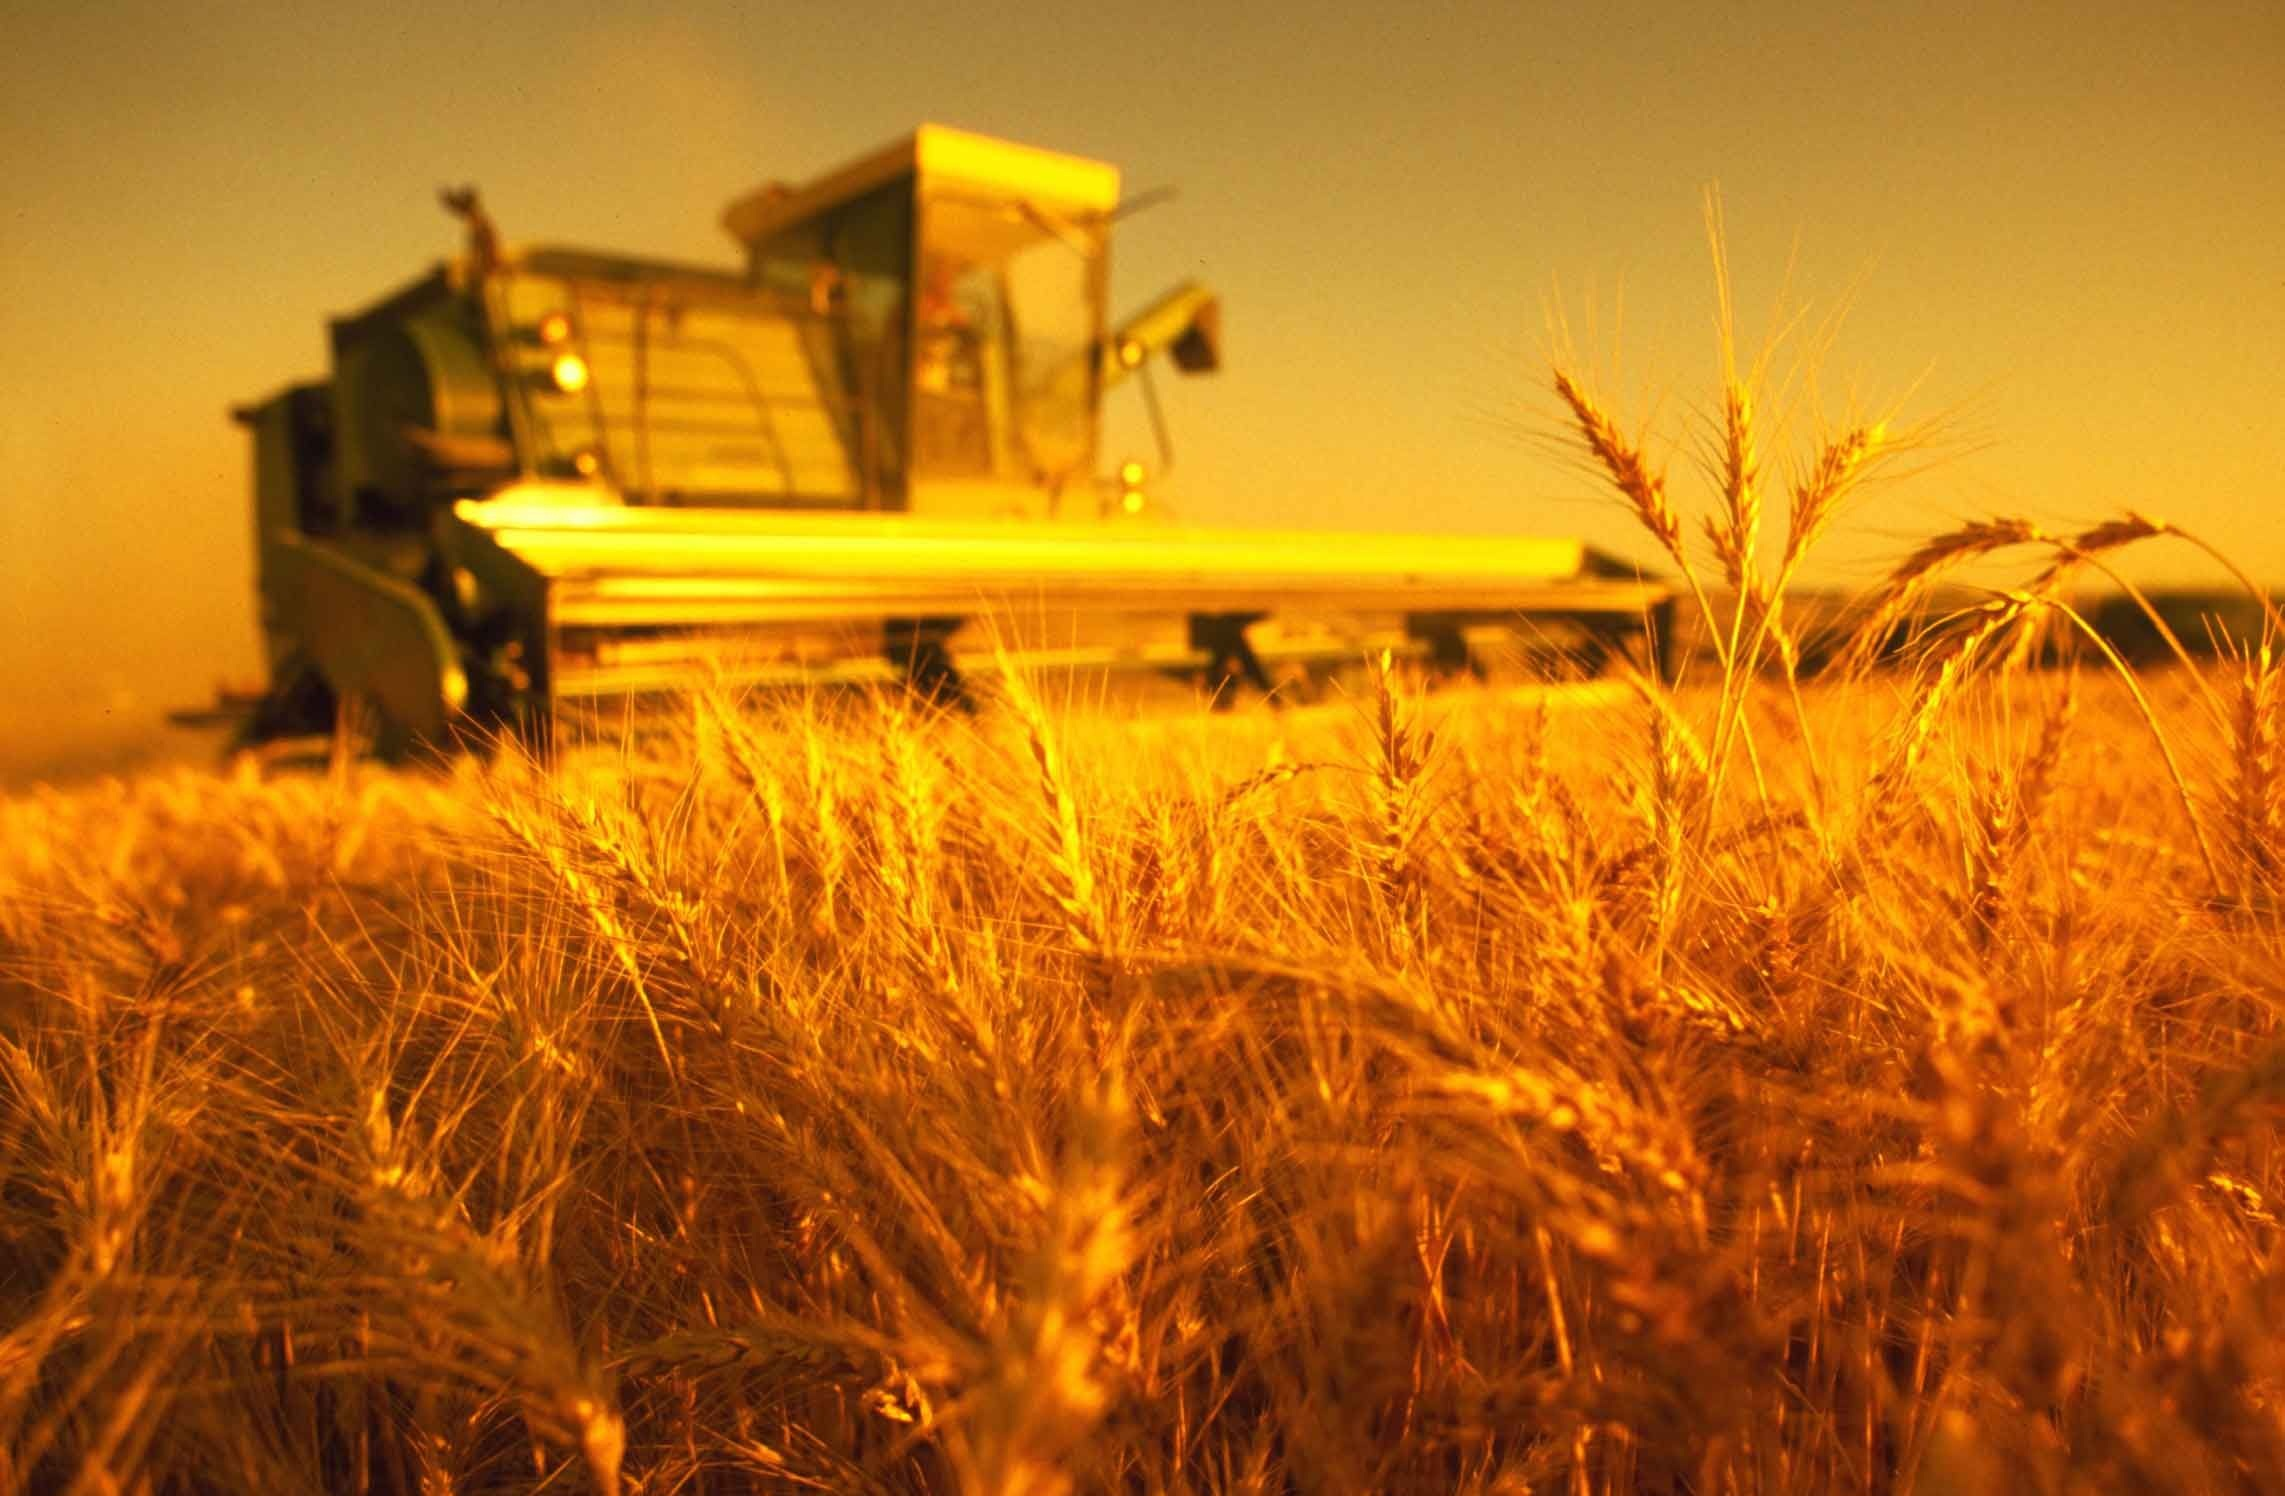 красивые картинки к дню сельского хозяйства